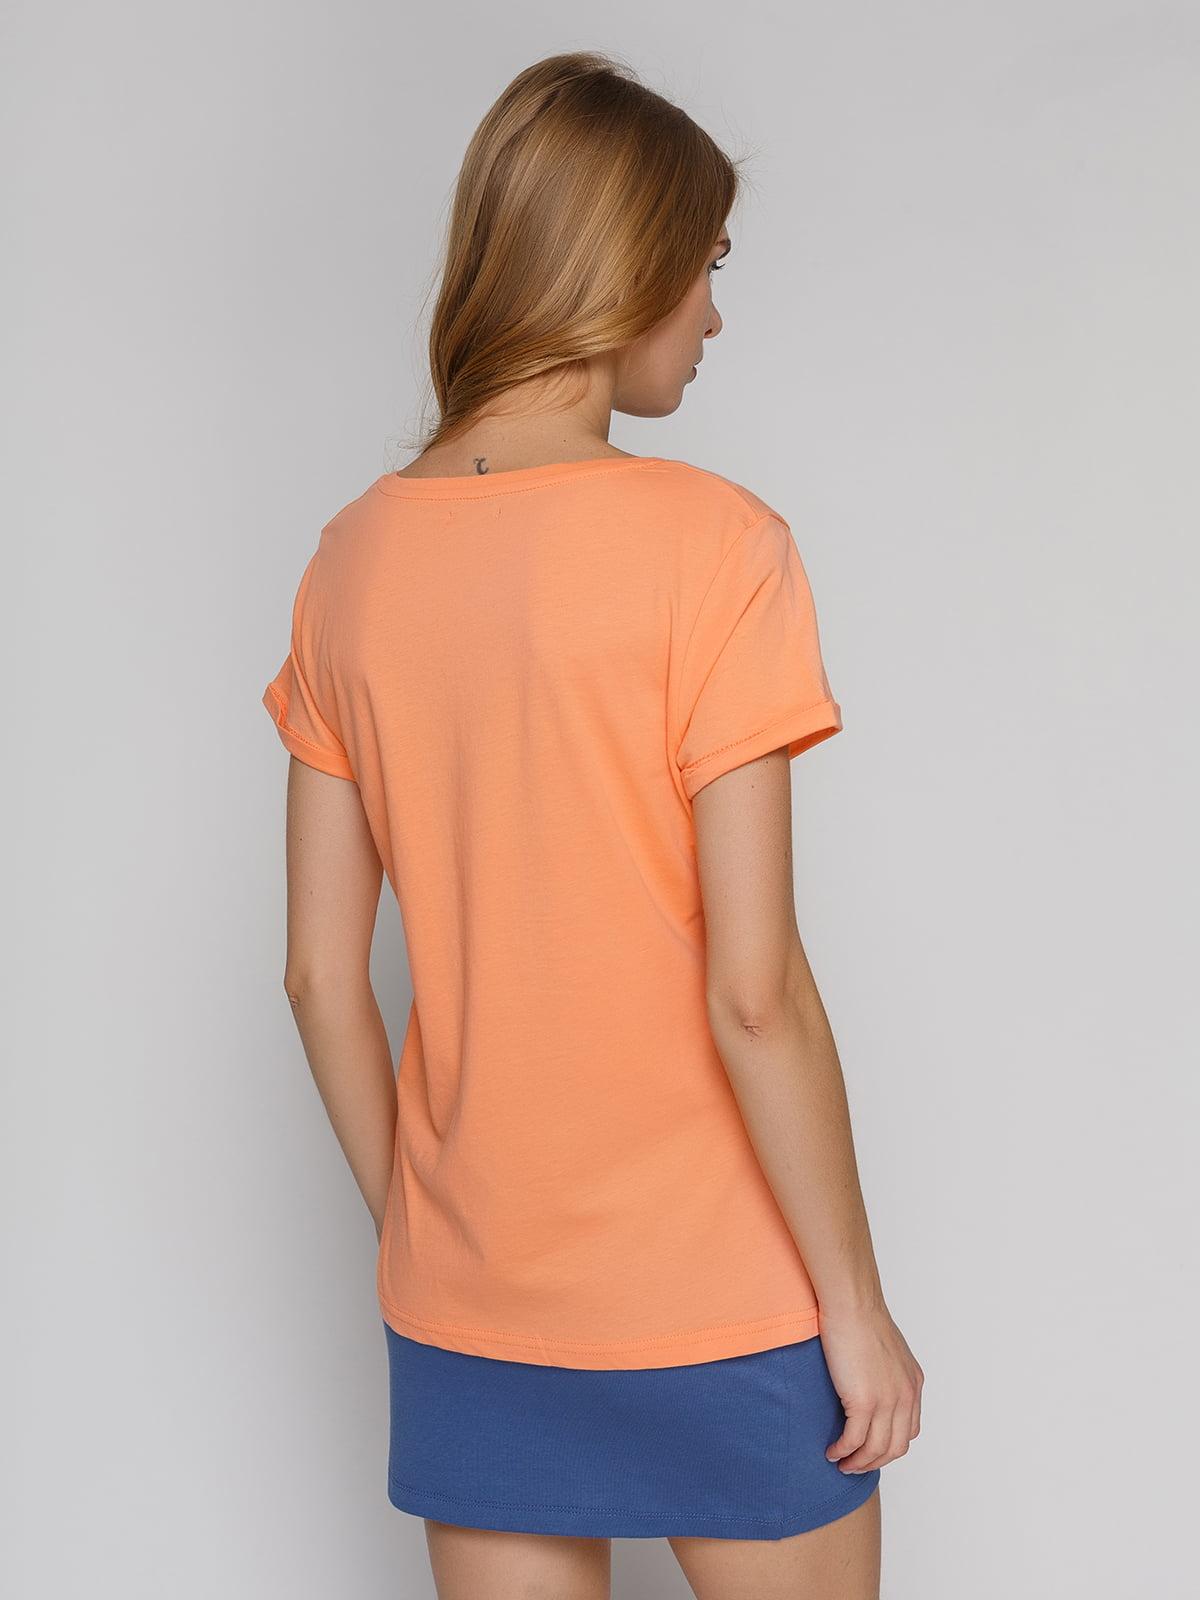 Футболка персикового кольору з принтом | 4855126 | фото 2